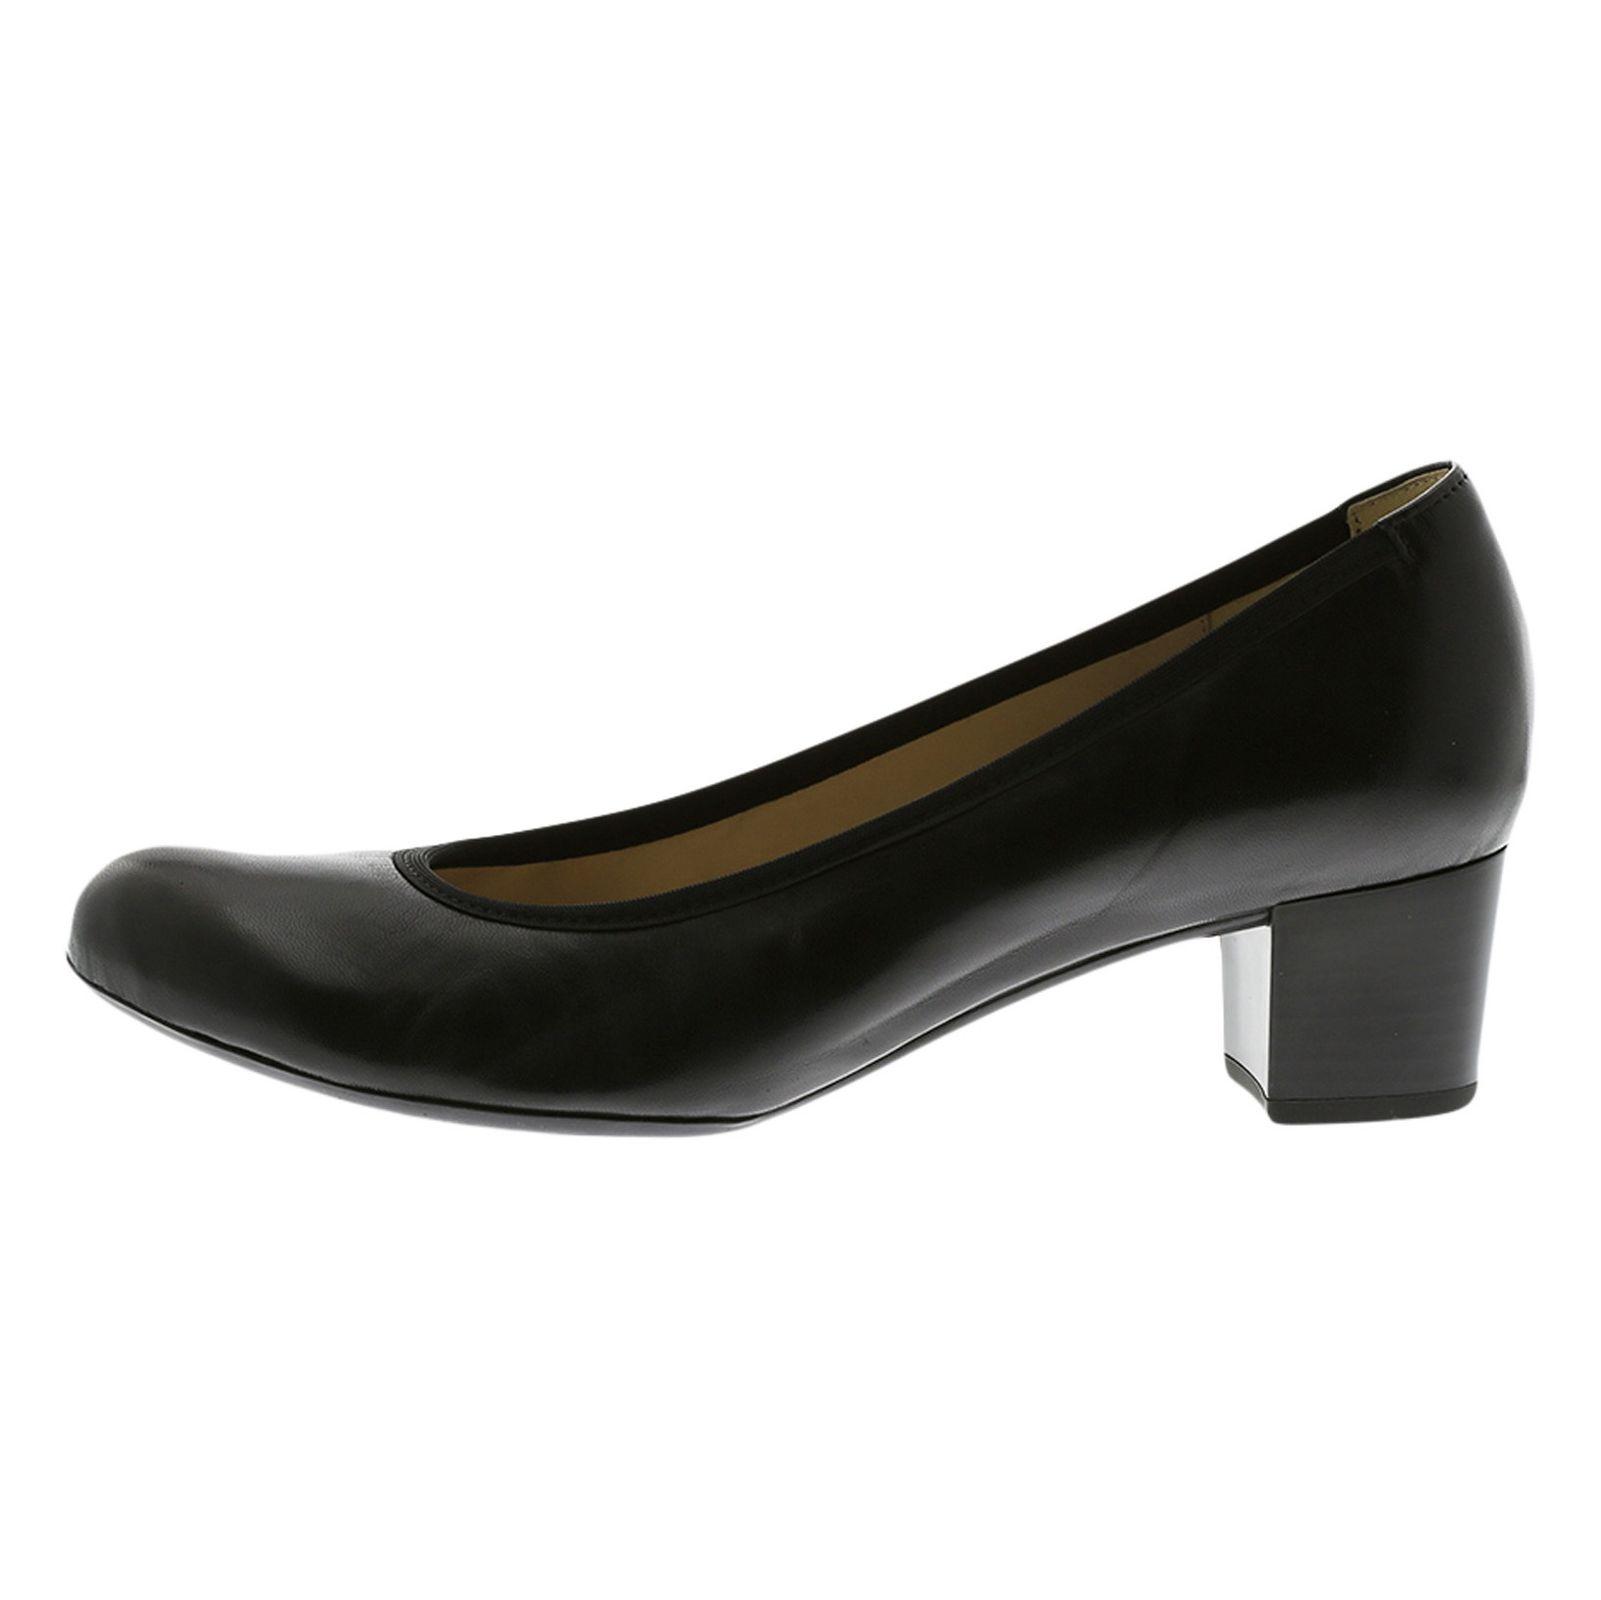 کفش زنانه گابور مدل 65.380.27 main 1 1